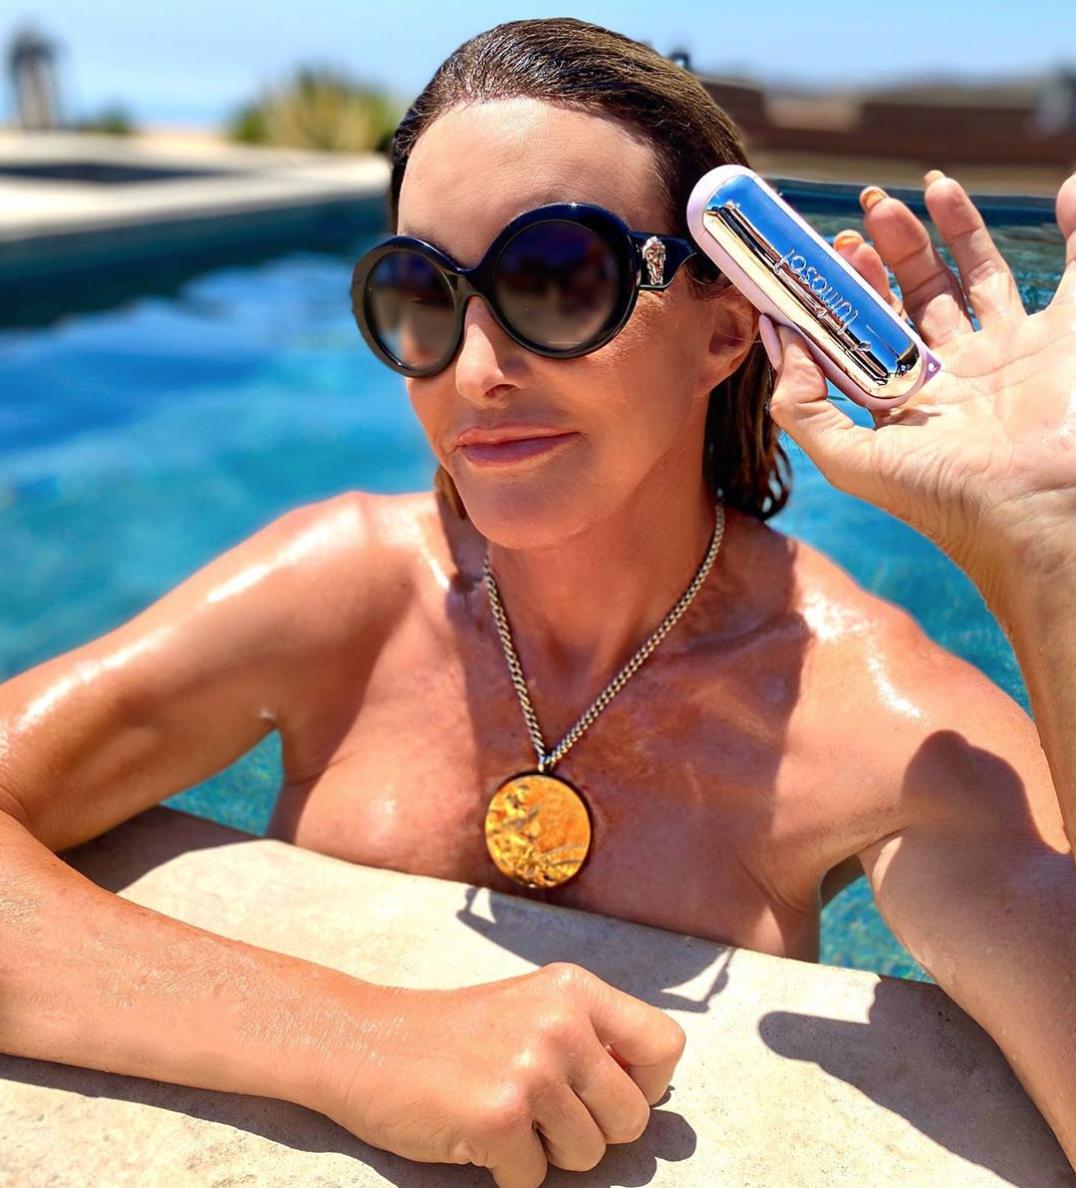 Caitlyn Jenner schwimmt sonnig - nur mit ihrer Goldmedaille!